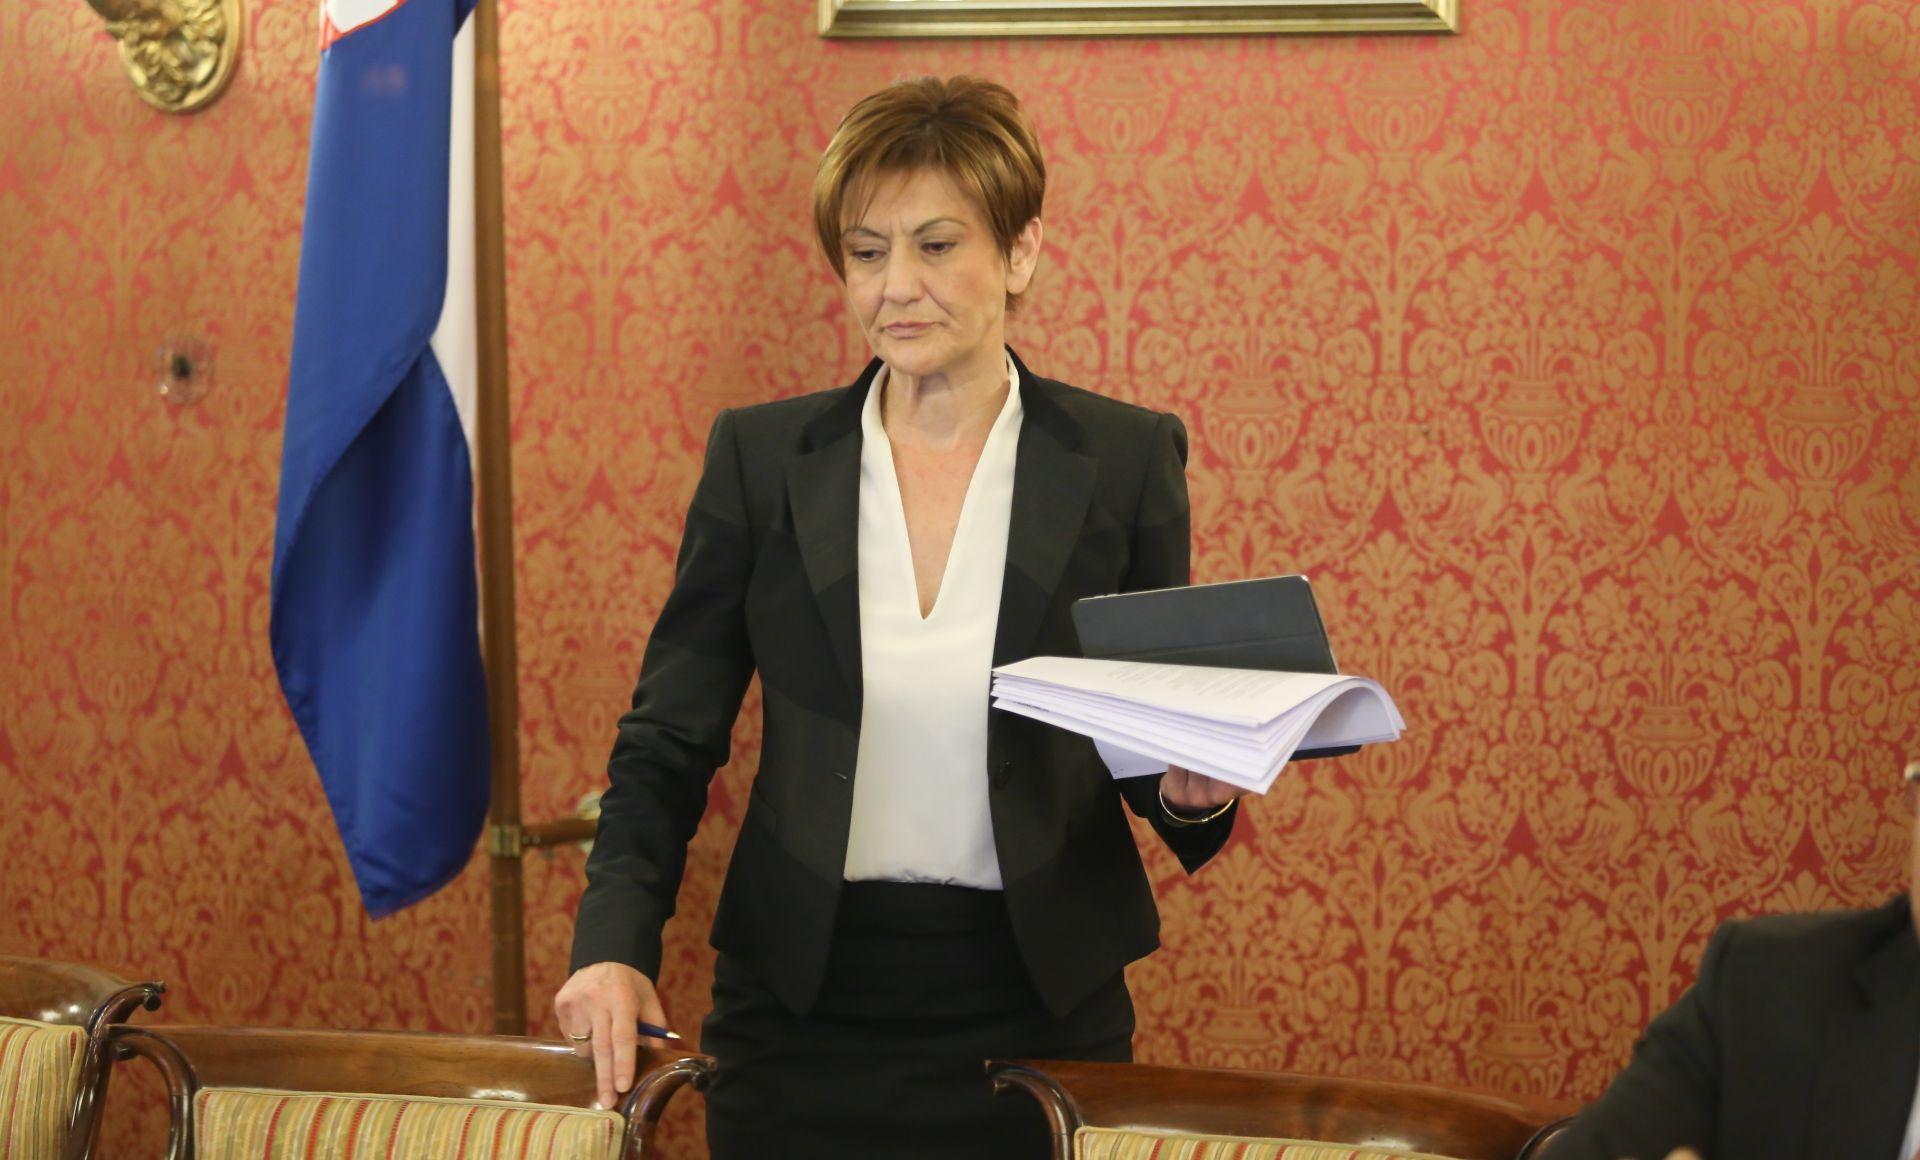 AGROKOR Dalić: 'Izbjegli smo najgore, sada je na povjereniku da postupa po zakonu'